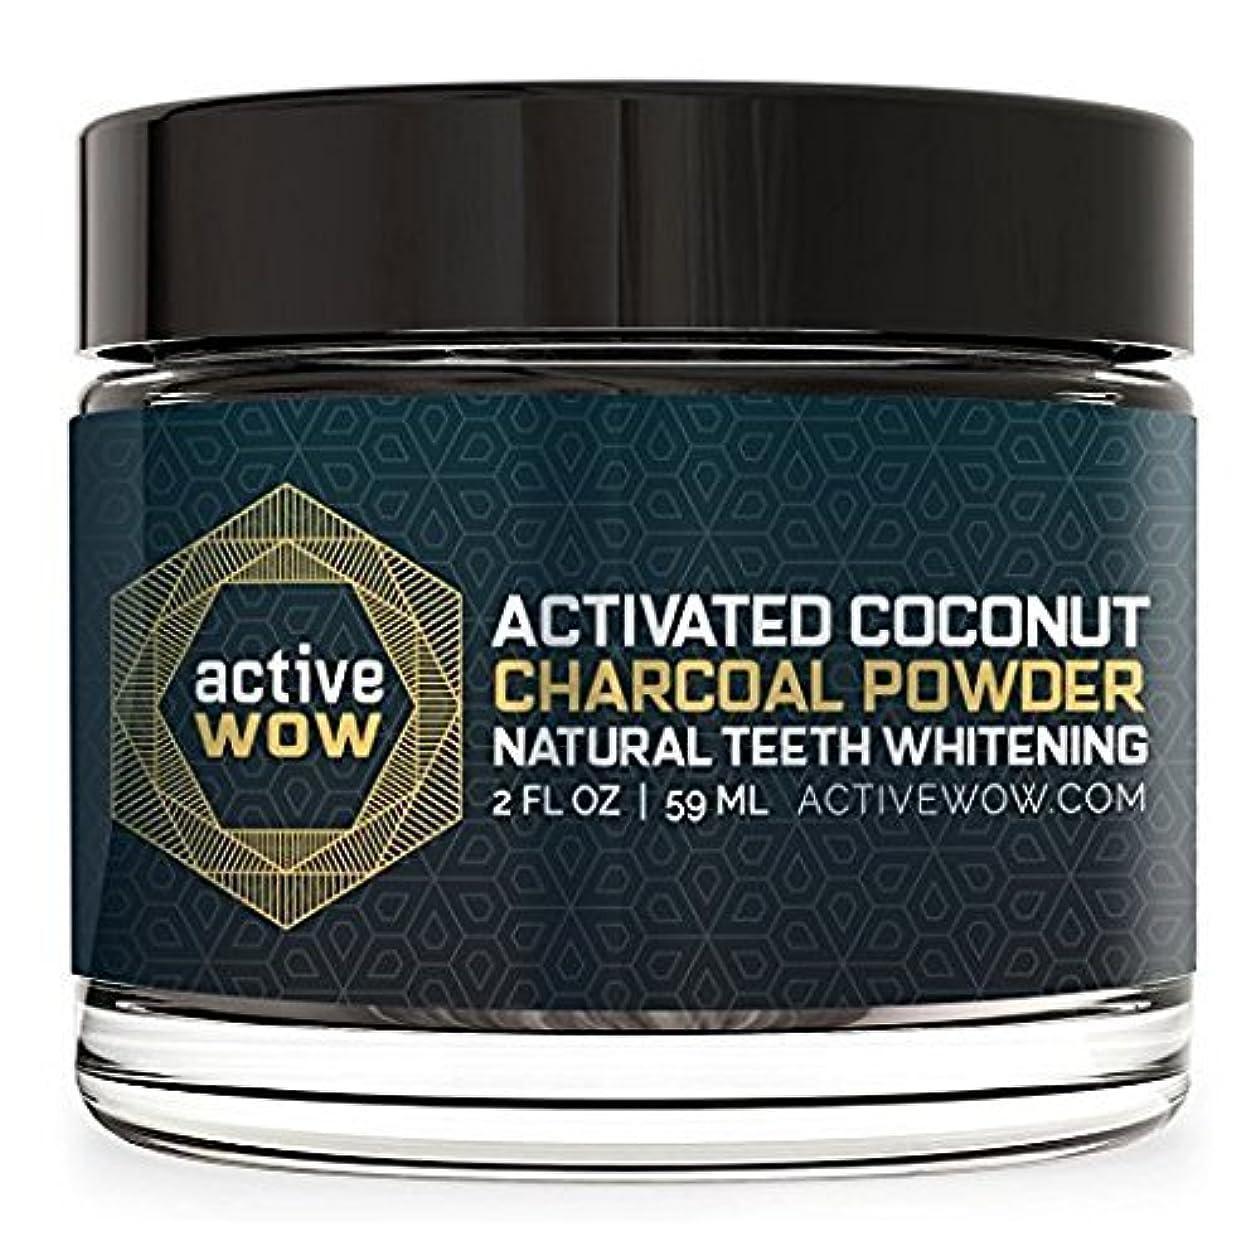 テレビ局メガロポリス安息アメリカで売れている 炭パウダー歯のホワイトニング Teeth Whitening Charcoal Powder Natural [並行輸入品]